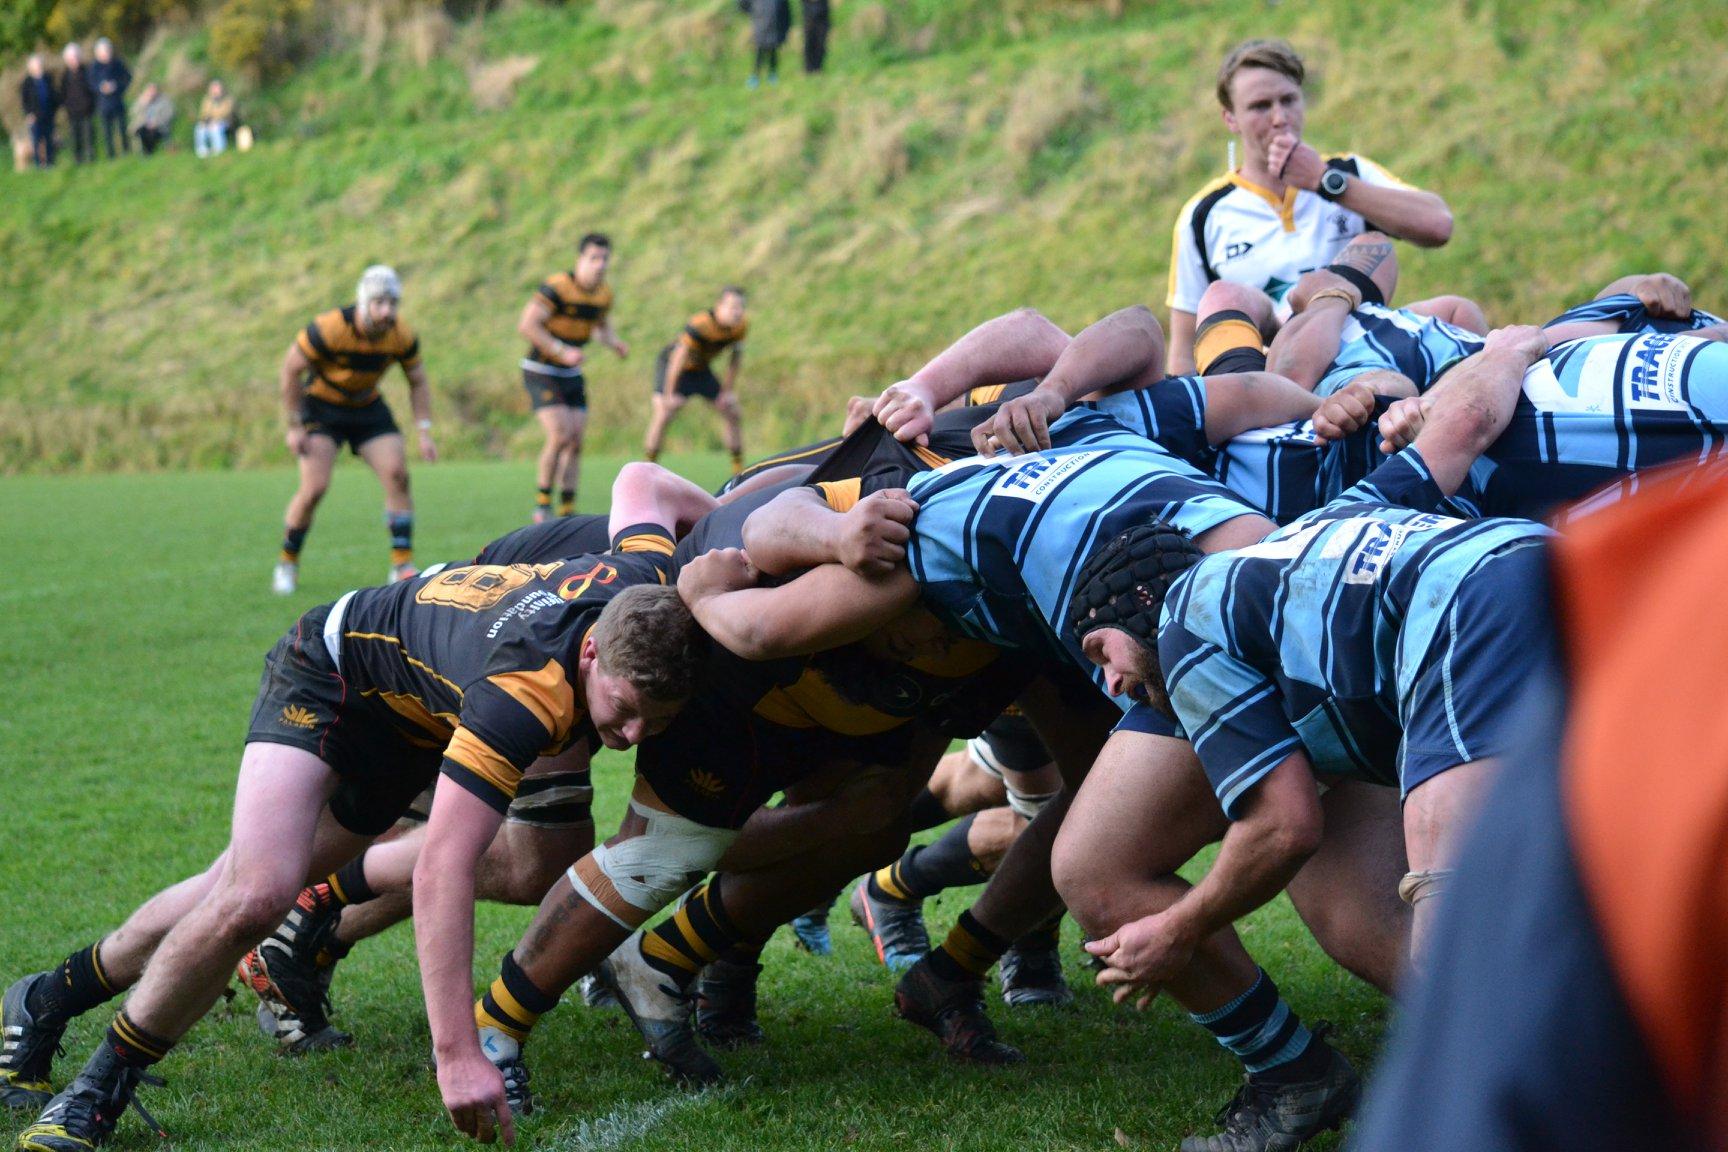 Johnsonville v Wellington at Helston Park, with the Axemen winning 53-15. Photo: Wellington Football Club - Axemen